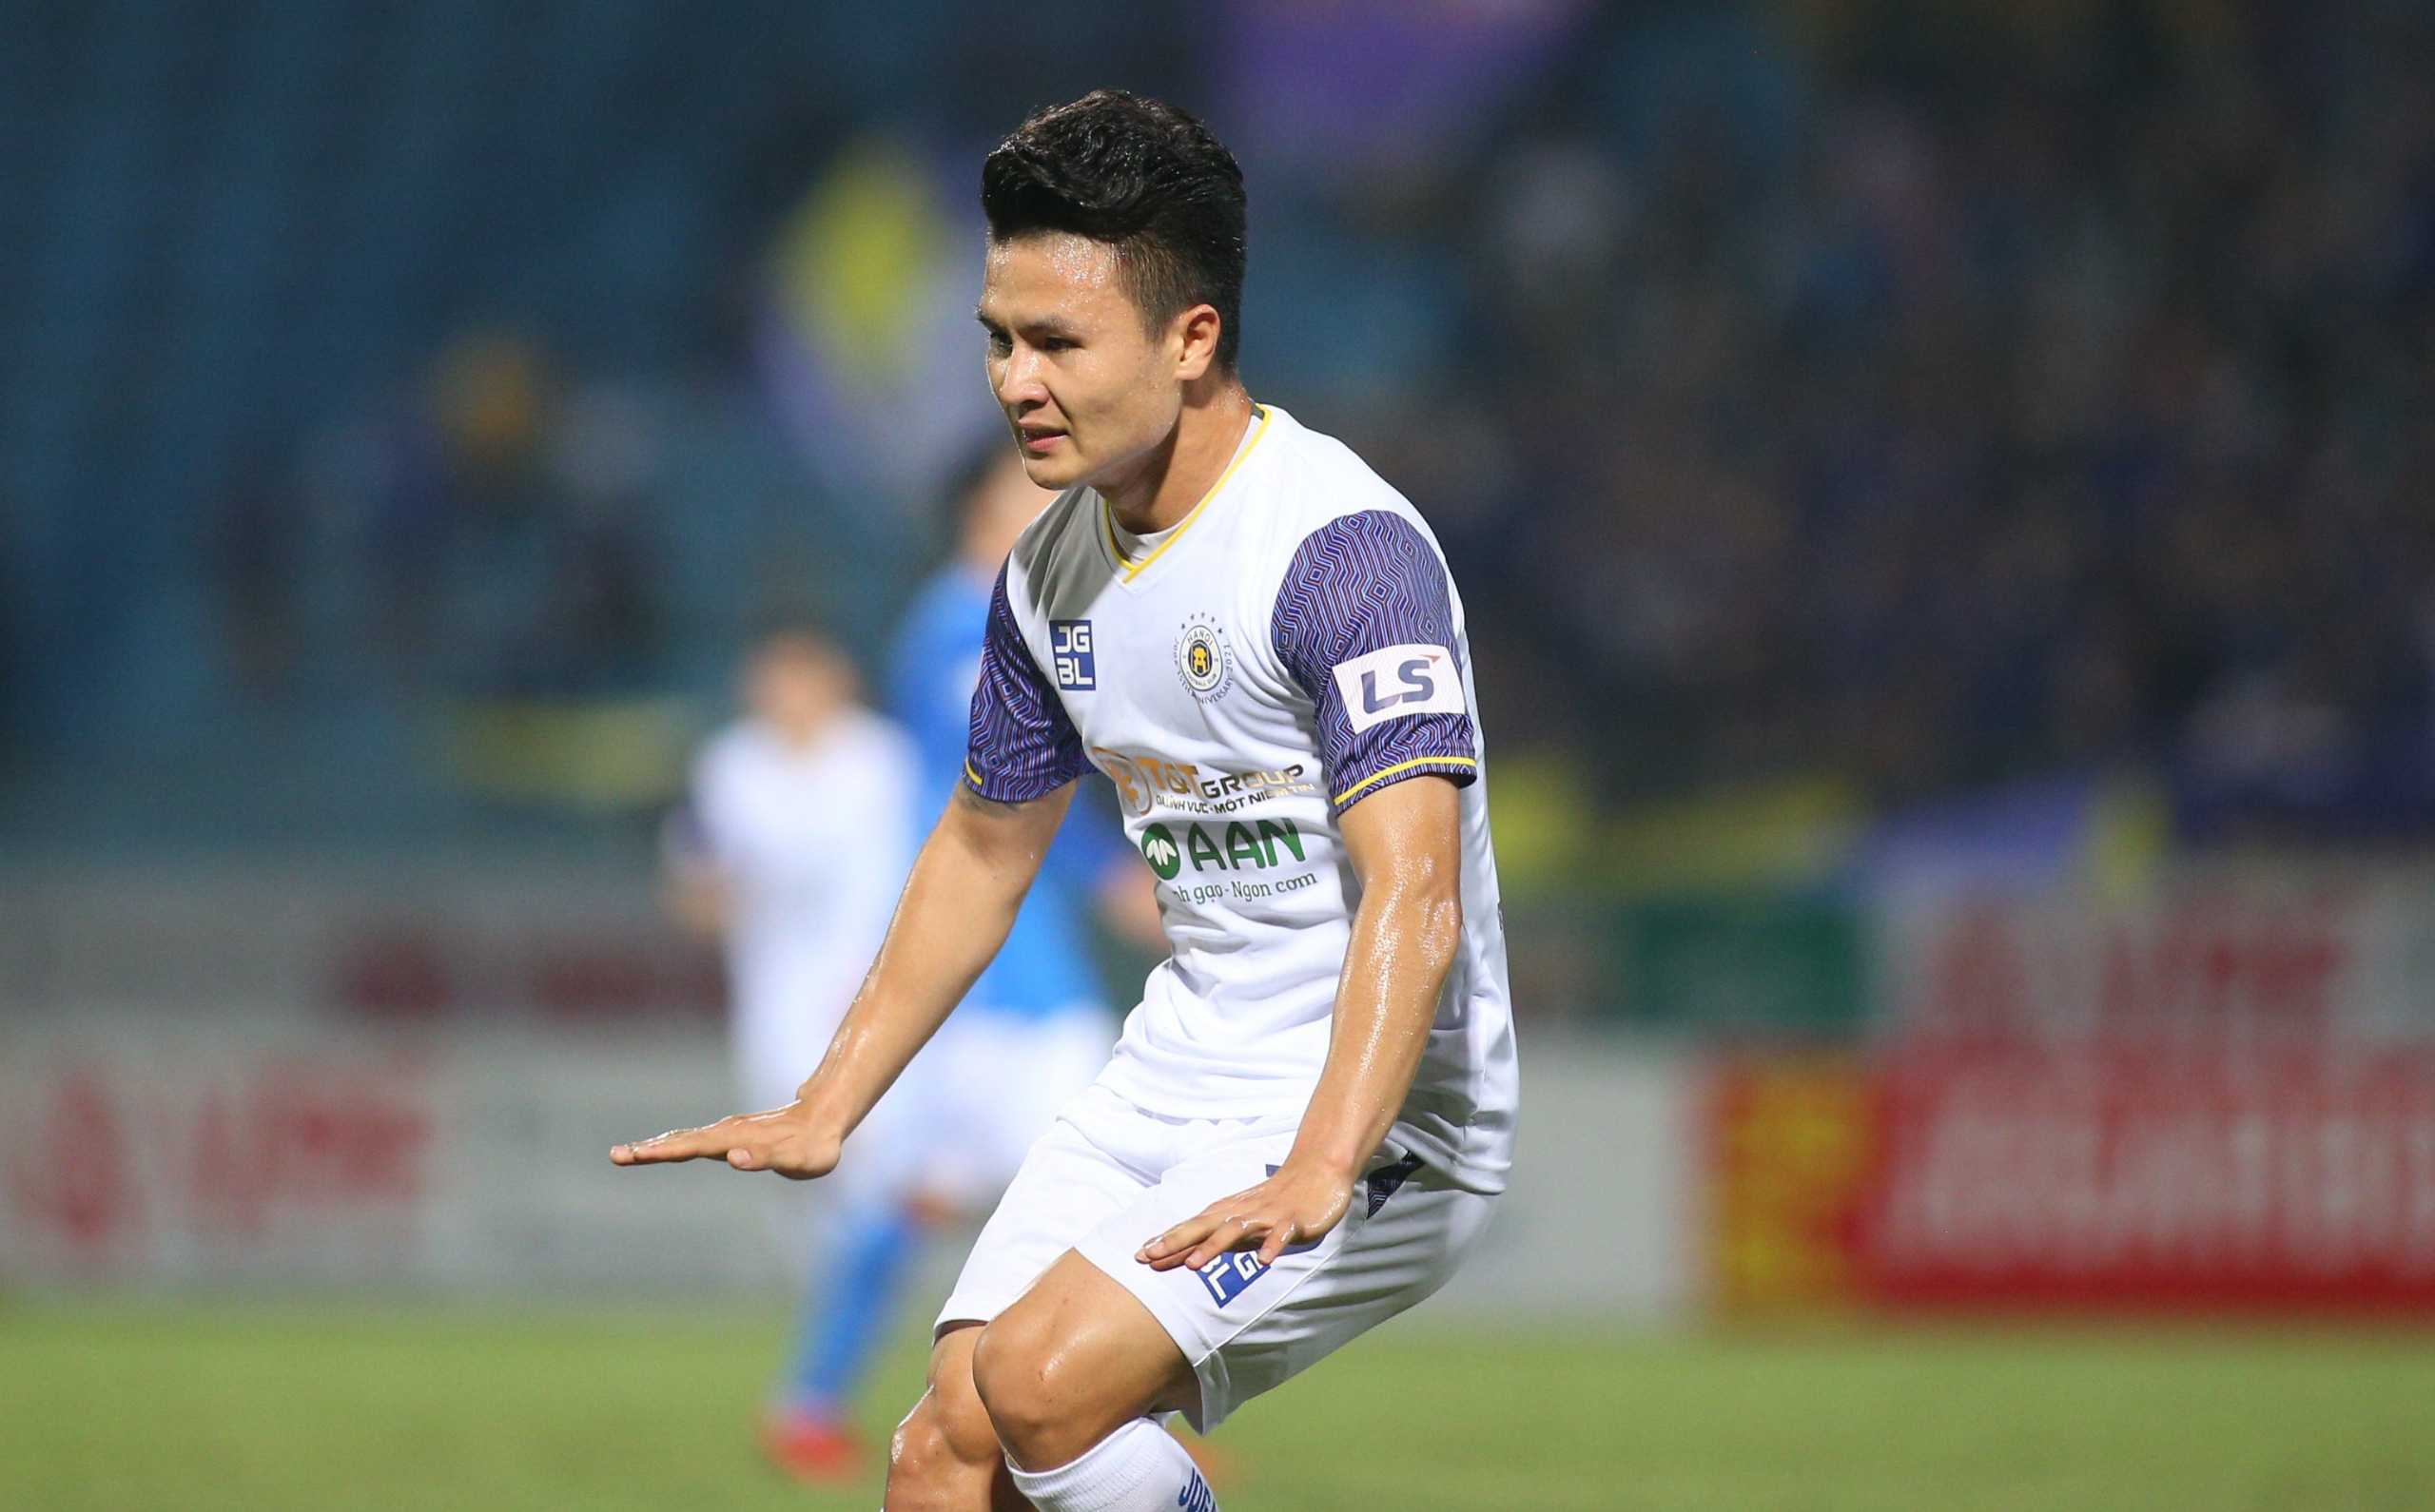 """Quang Hải: """"Mới chỉ khá ổn, mong không chấn thương để cống hiến cho đội tuyển Việt Nam"""""""